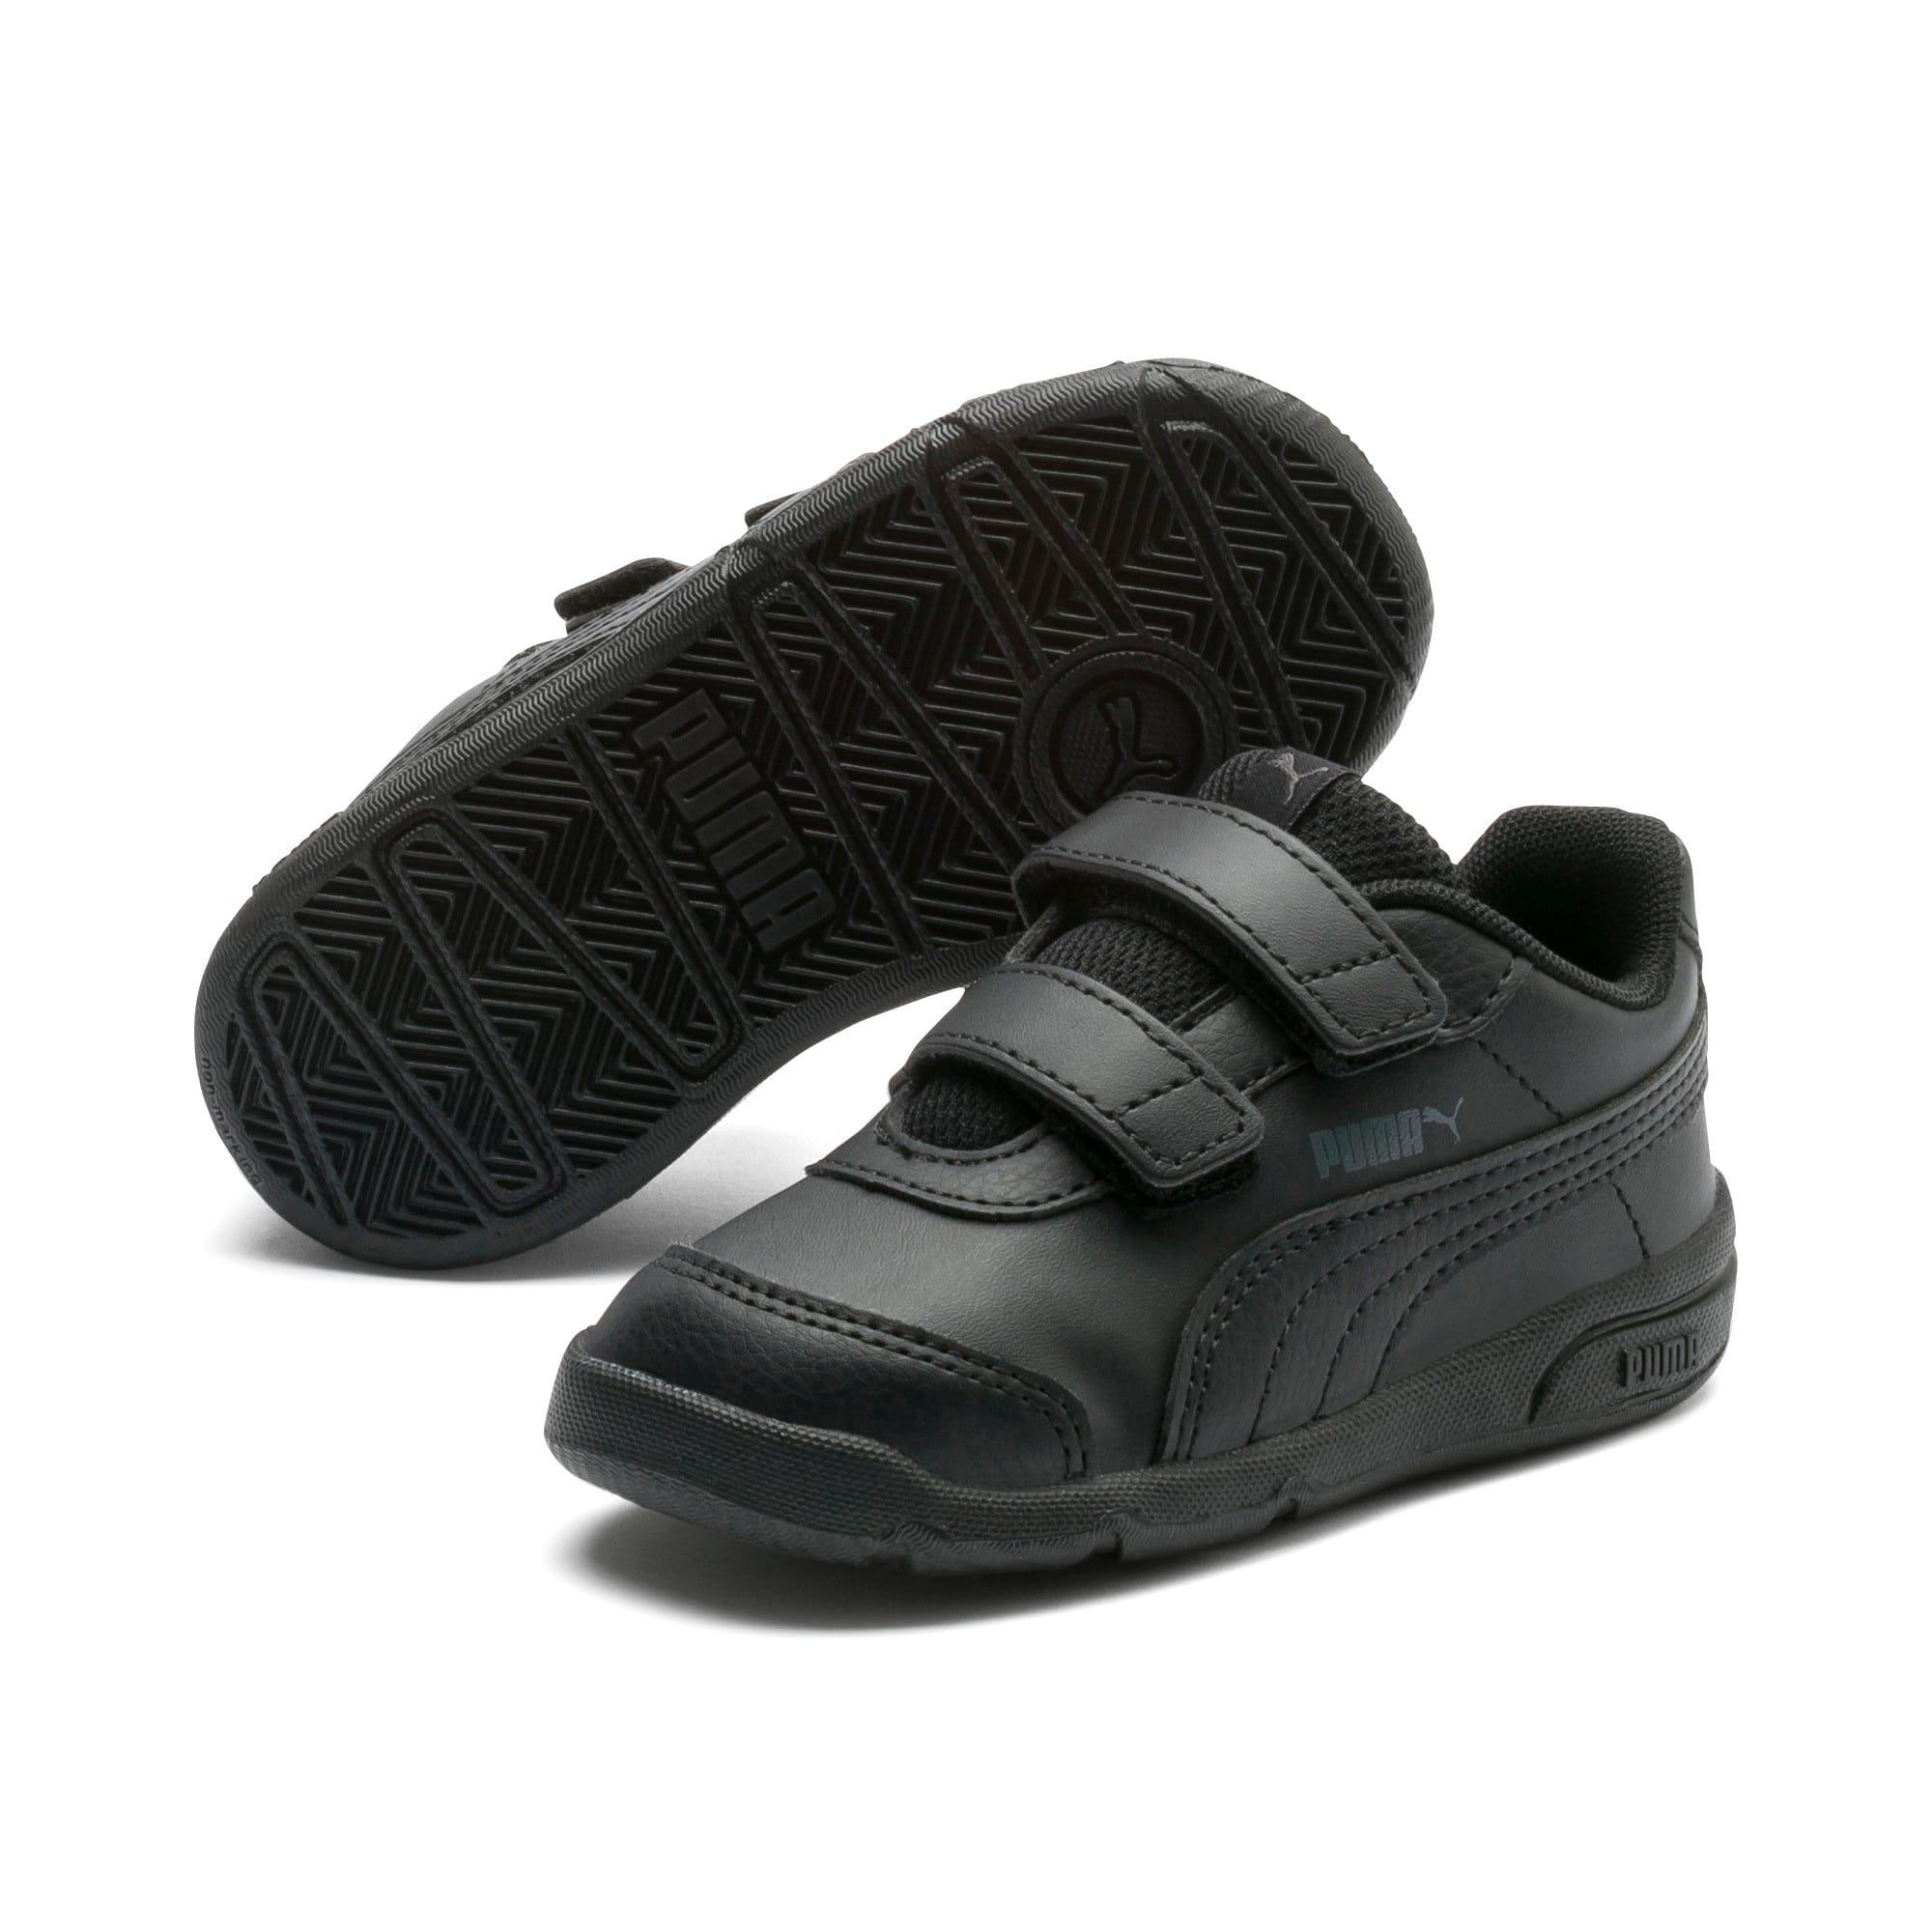 Thumbnail 2 of Stepfleex 2 SL VE V Babies' Trainers, Puma Black-Puma Black, medium